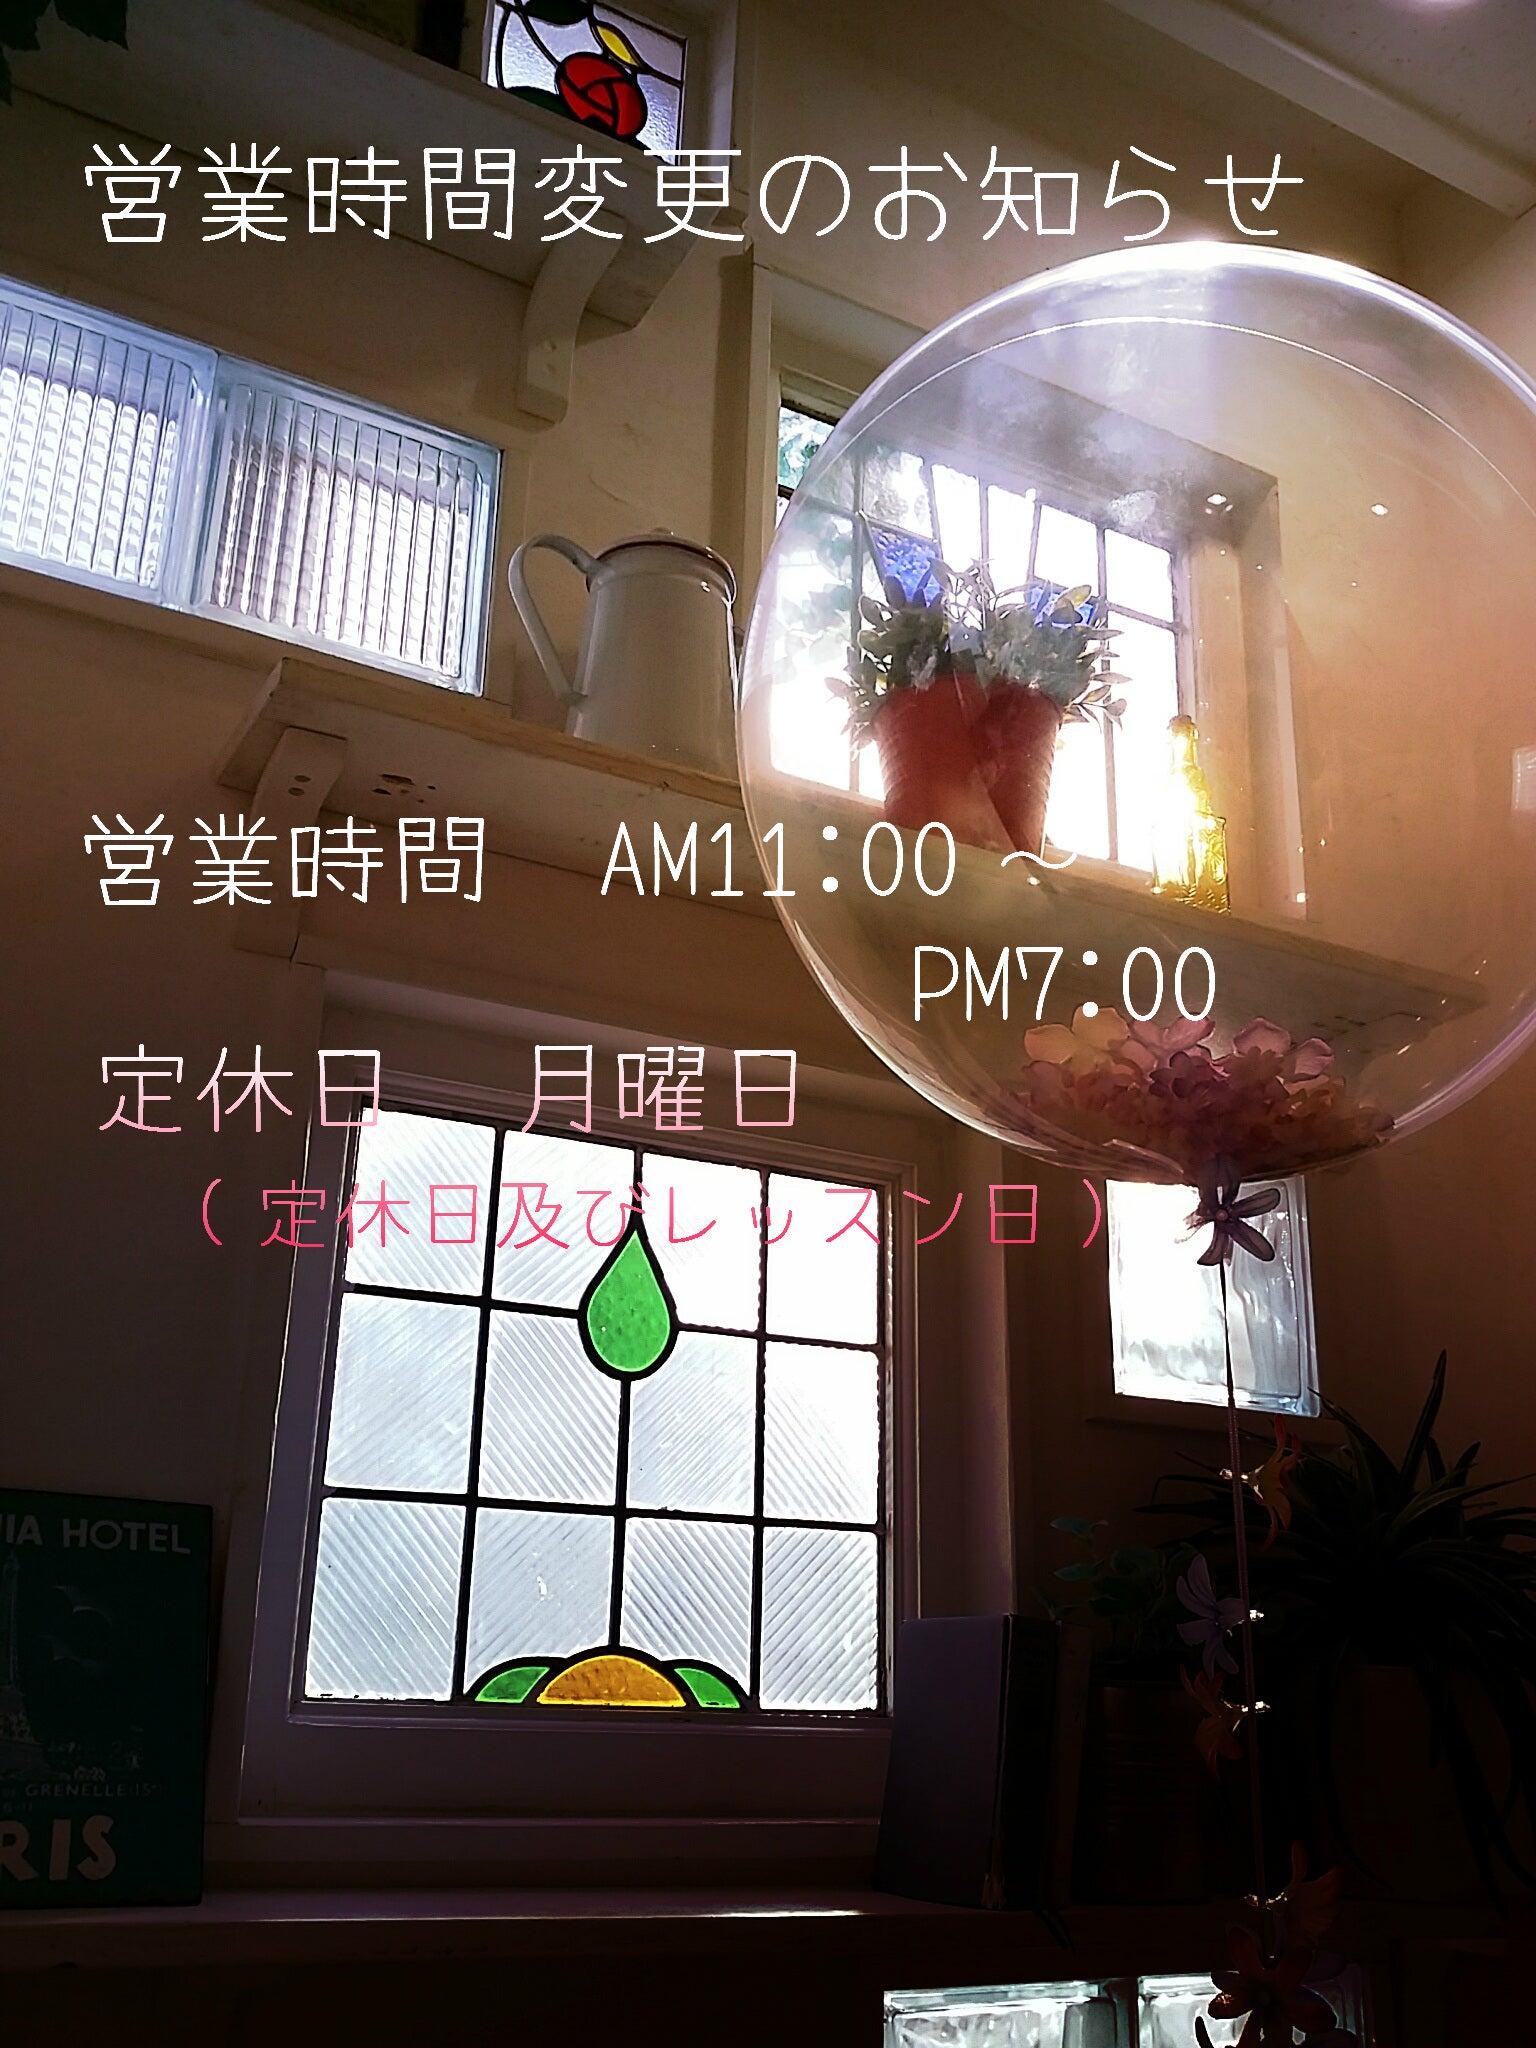 和歌山,大阪バル-ンショップ,ブリリアントバルーン,おしゃれなバルーン電報